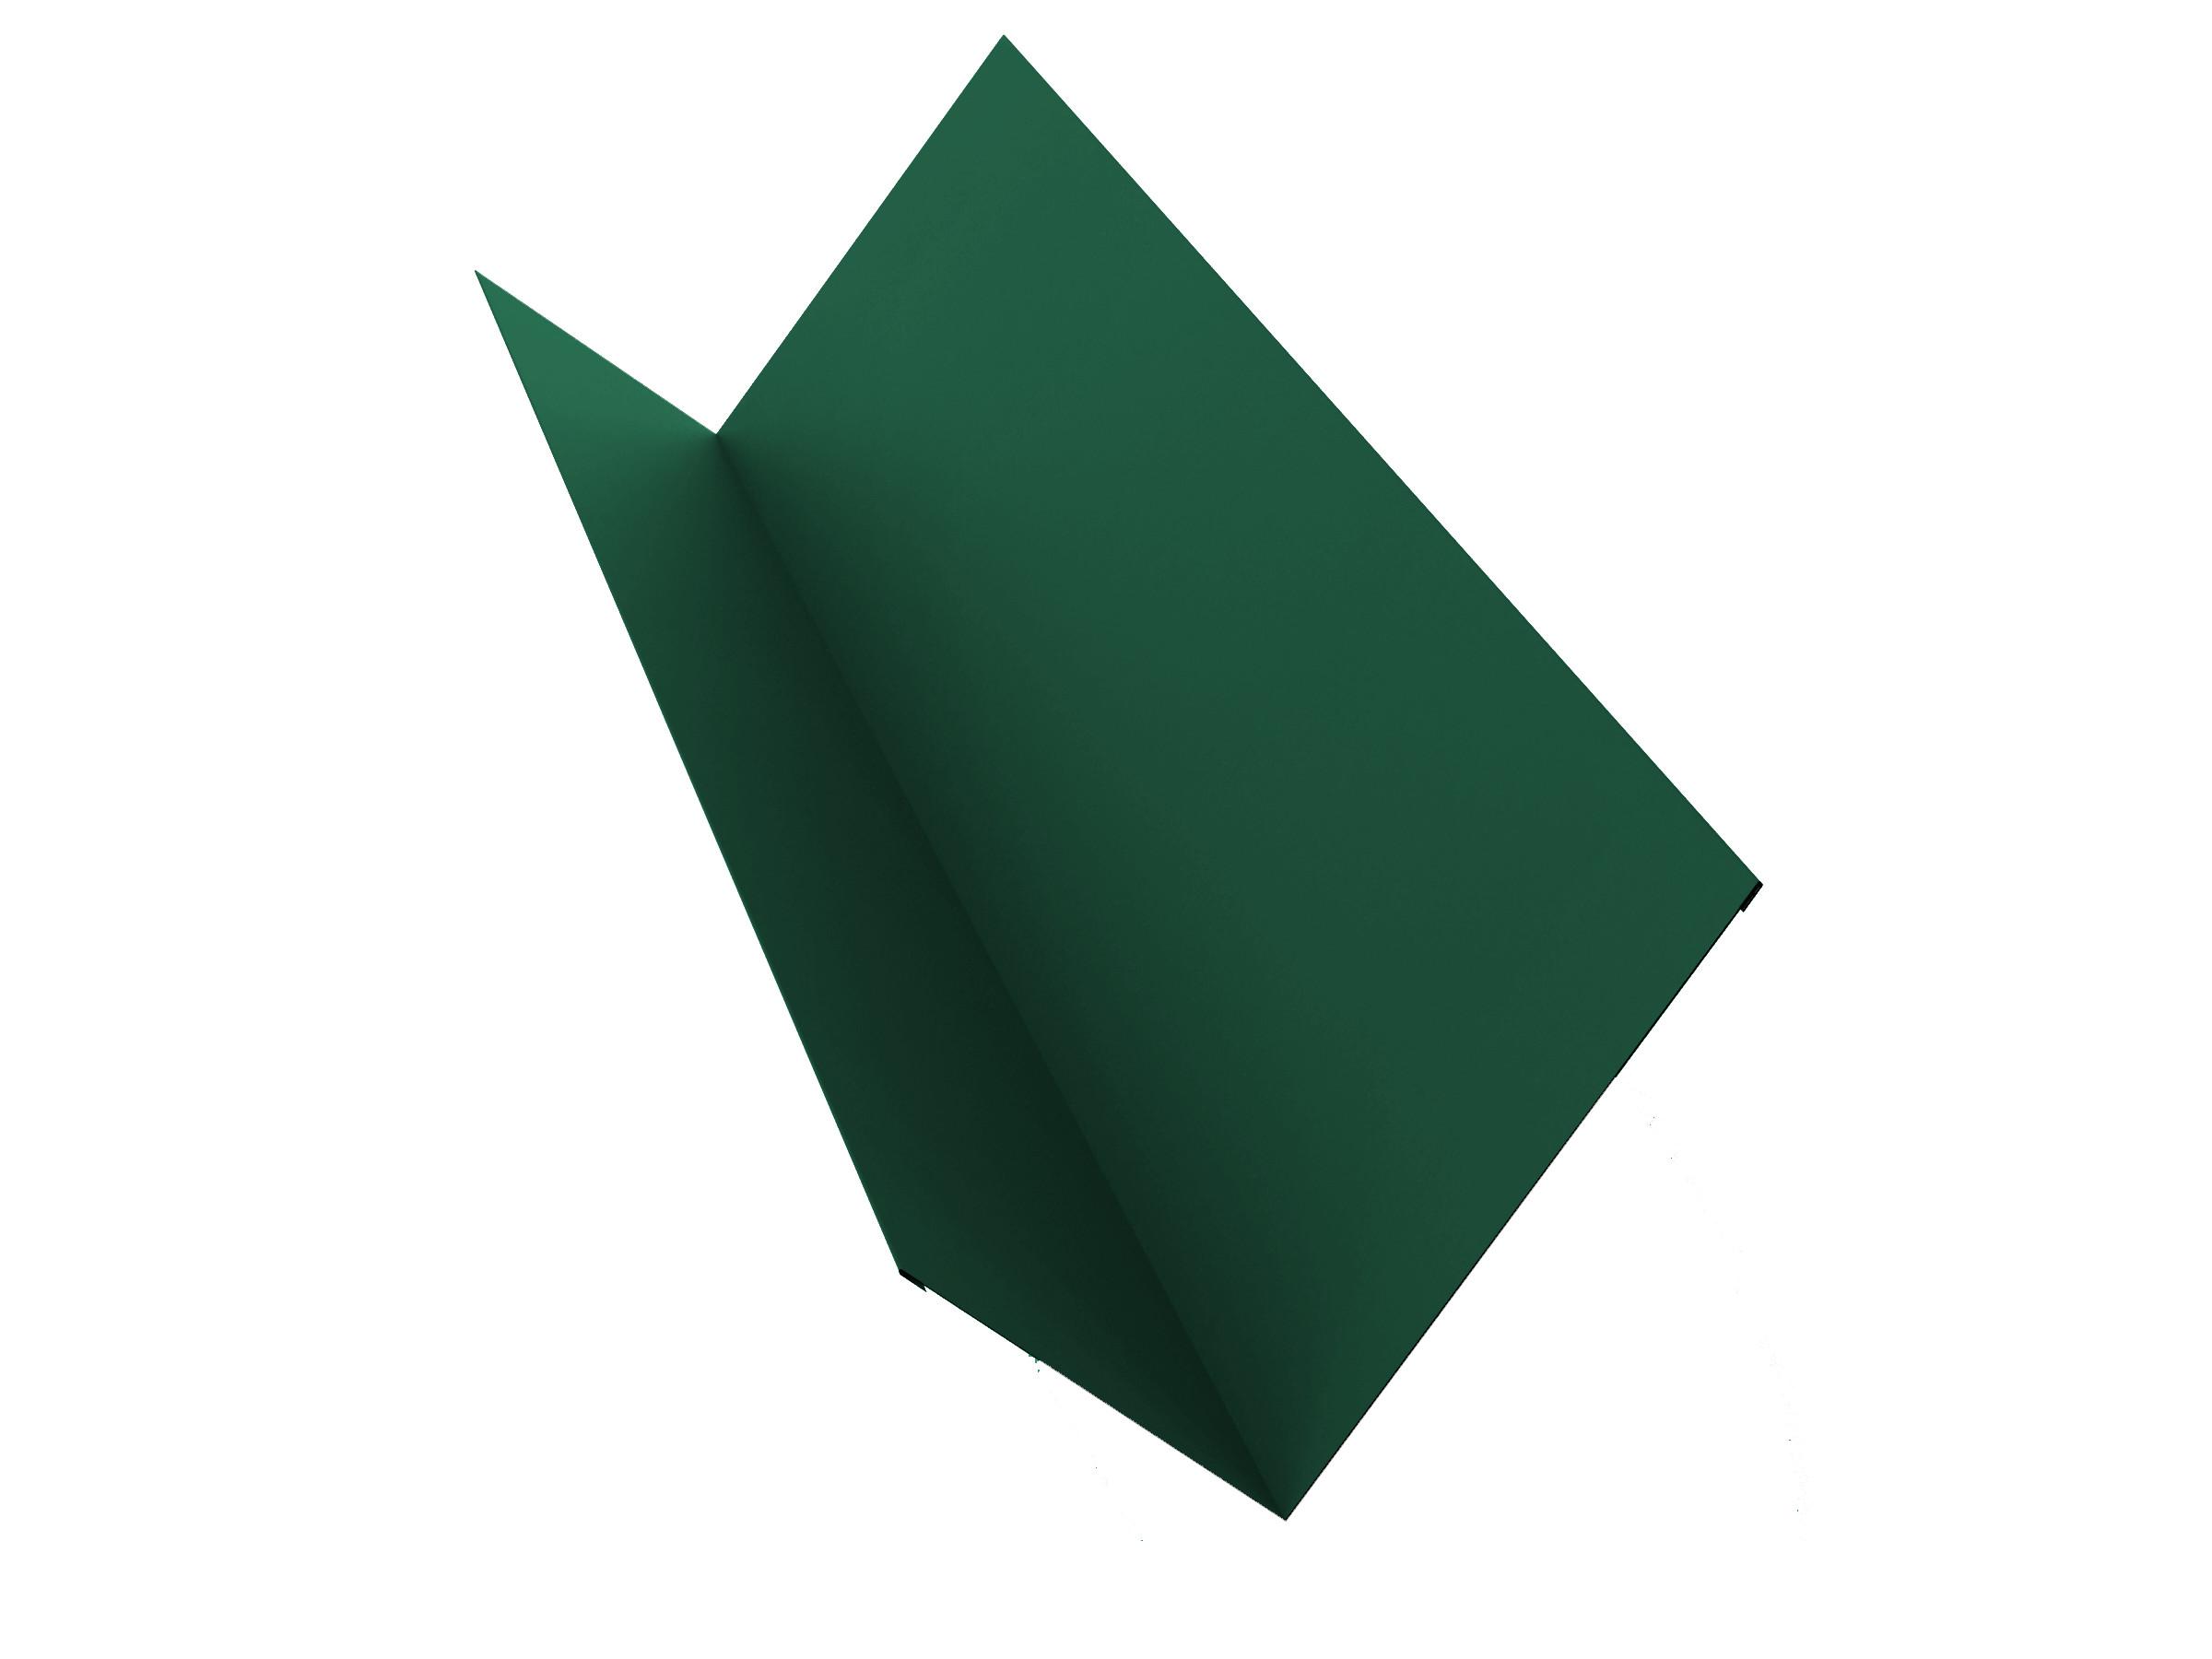 Планка примыкания для металлочерепицы 2 м зеленая RAL 6005